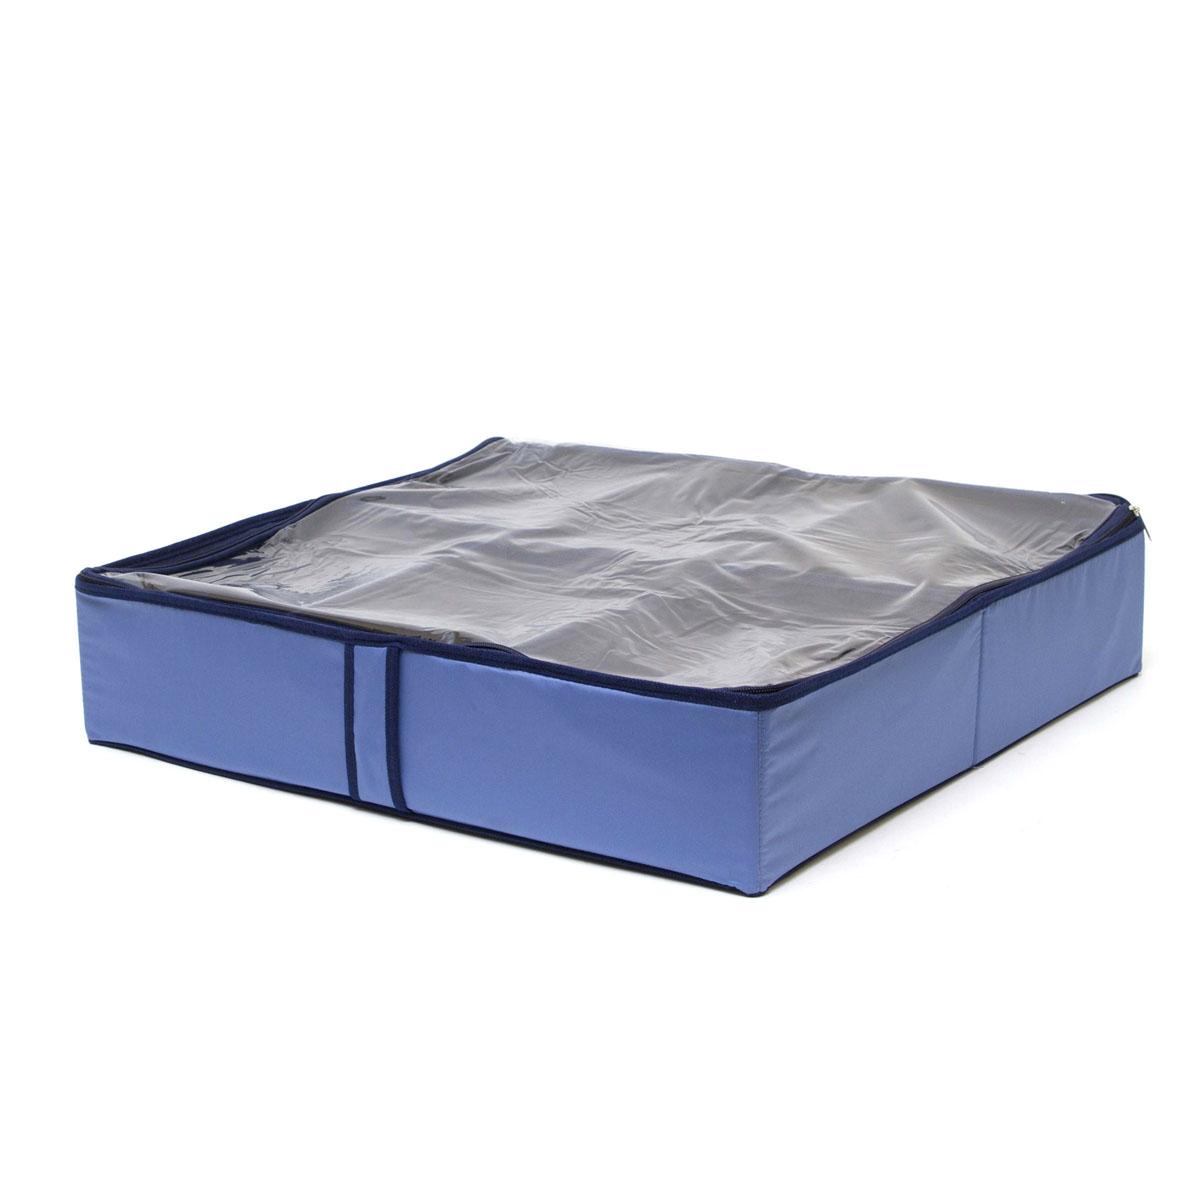 Органайзер для хранения обуви Homsu Bluе Sky, 6 секций, 56 х 52 х 12 смHOM-59Компактный складной органайзер Homsu Pletenka изготовлен из высококачественного полиэстера, который обеспечивает естественную вентиляцию. Материал позволяет воздуху свободно проникать внутрь, но не пропускает пыль. Органайзер отлично держит форму, благодаря вставкам из плотного картона. Изделие имеет 6 секций для хранения обуви. Такой органайзер позволит вам хранить вещи компактно и удобно. Размер секции: 20 х 32 см.